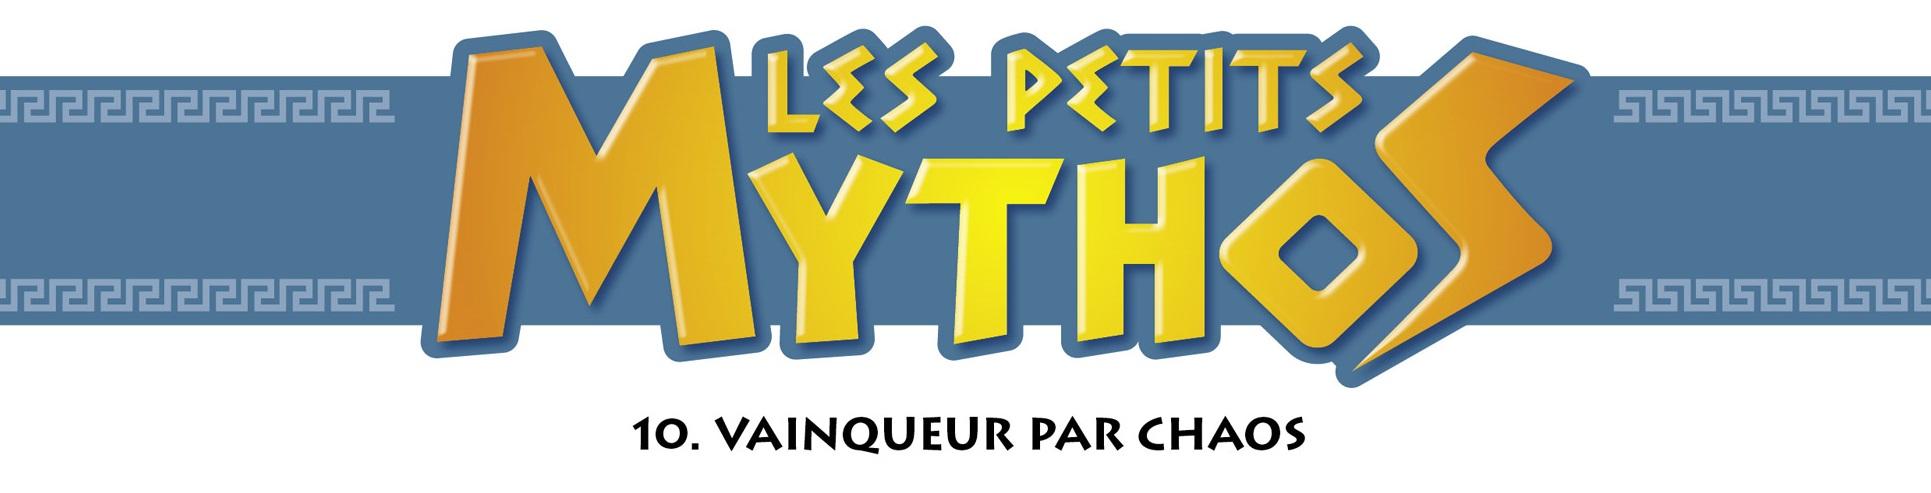 INT-PETITS-MYTHOS-T10-titre - Copie (3)